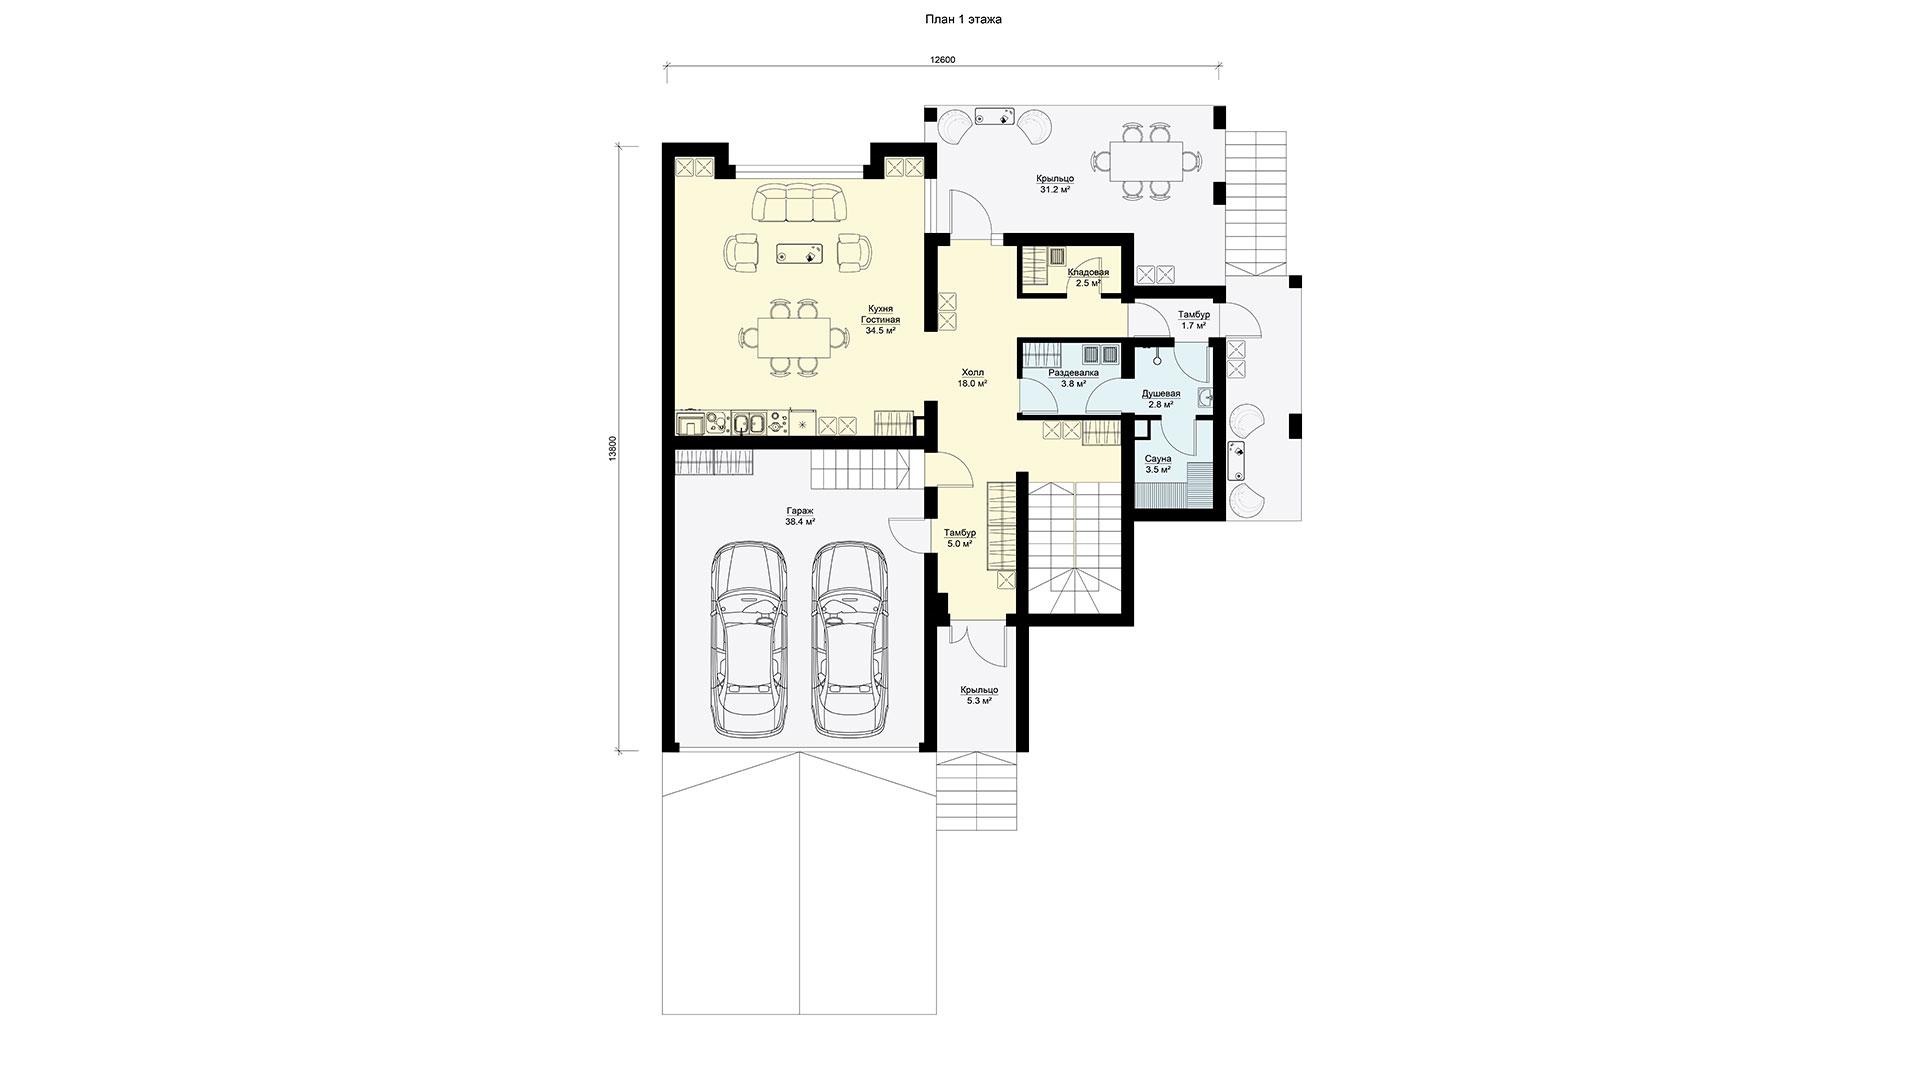 Планировка первого этажа проекта БП-274